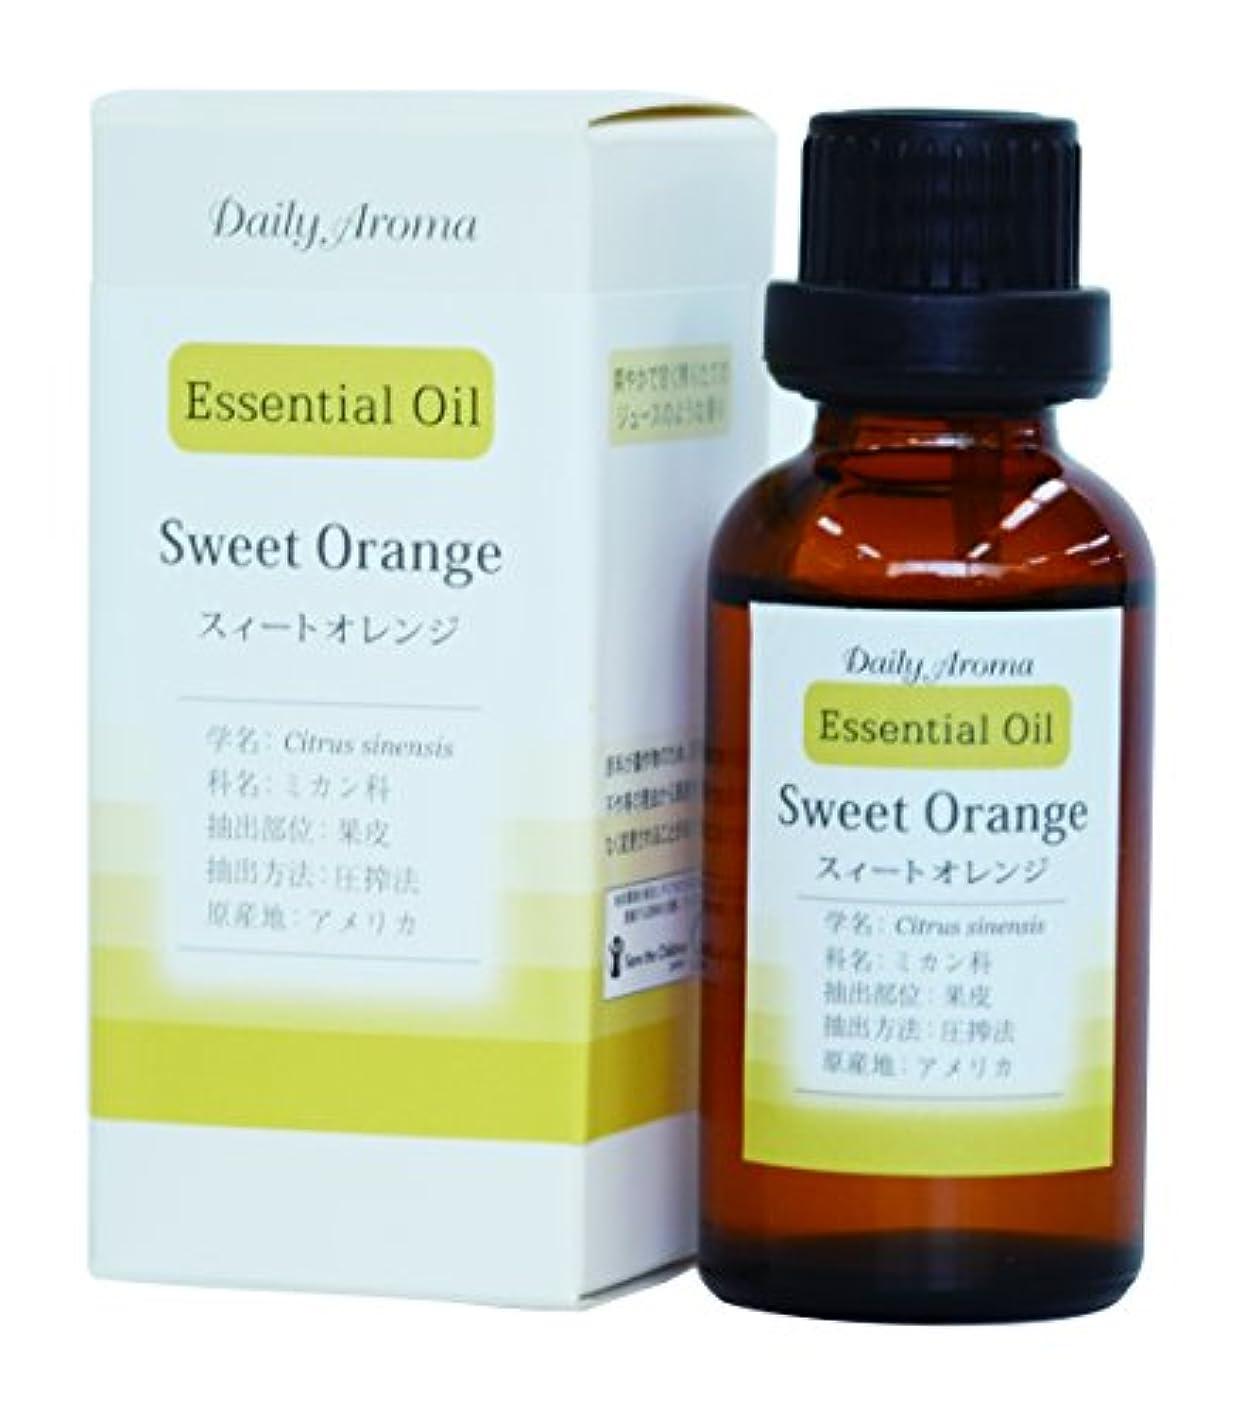 材料忍耐動機付ける美健 エッセンシャルオイル スィートオレンジ 30ml